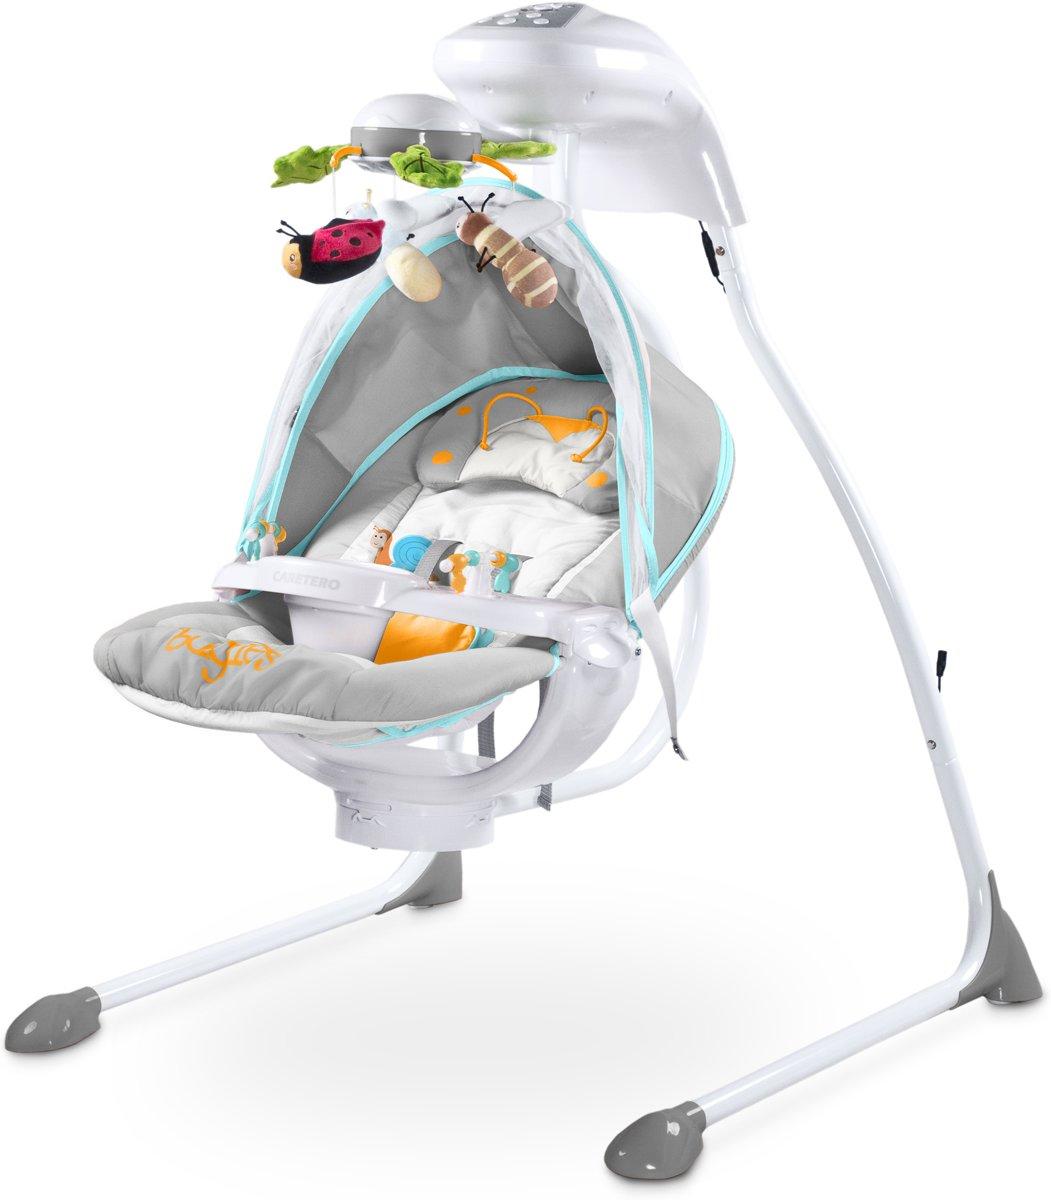 Baby Schommelstoel Caretero Bugies grijs, geschikt voor newborns! kopen